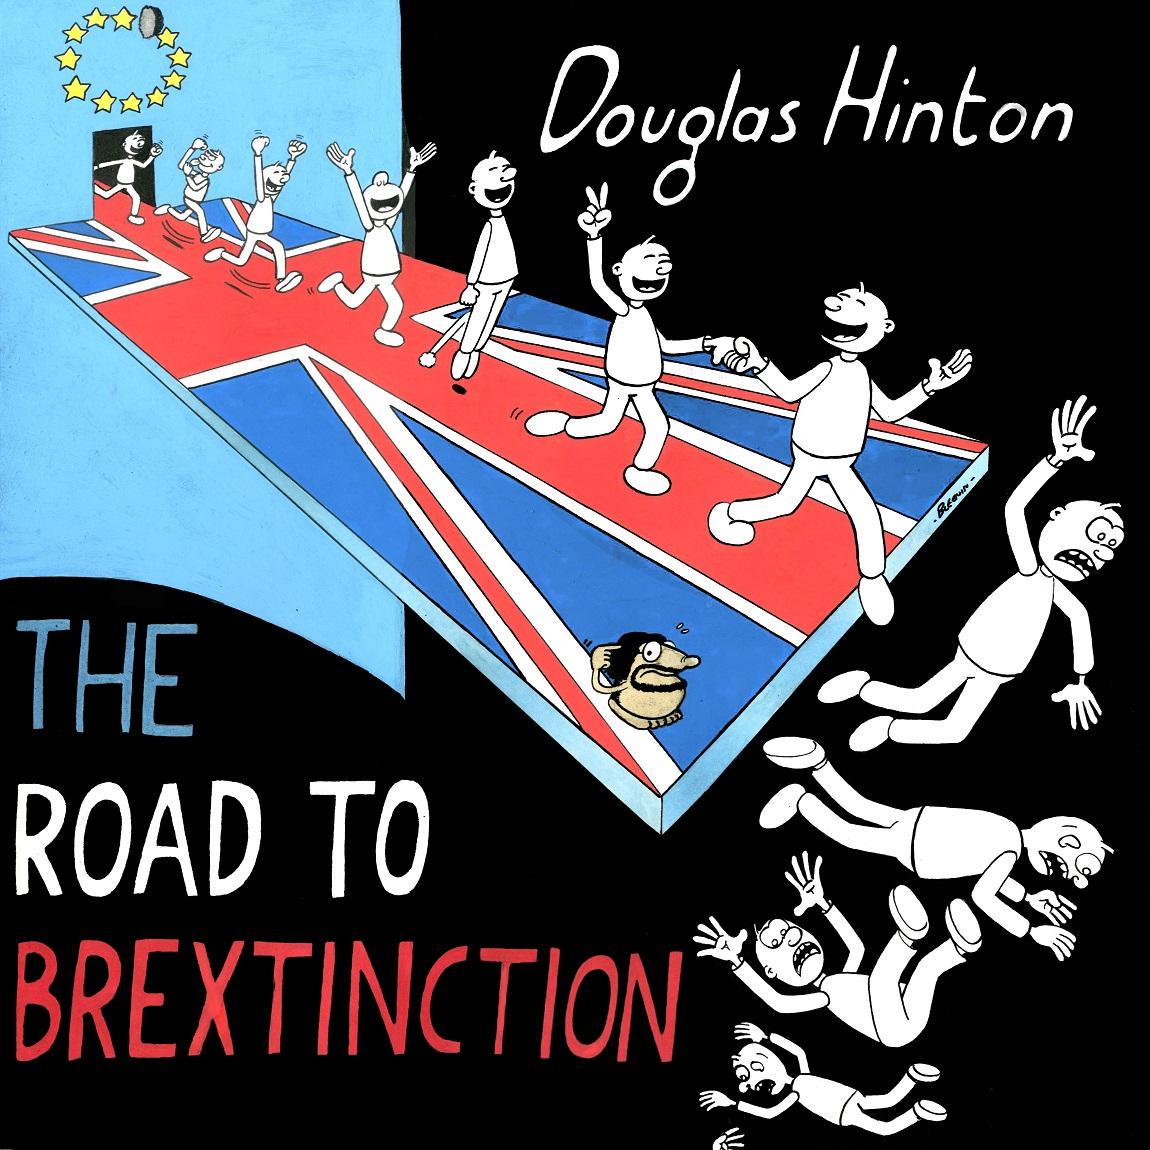 06-19-Brexit-Douglas Hinton.jpg